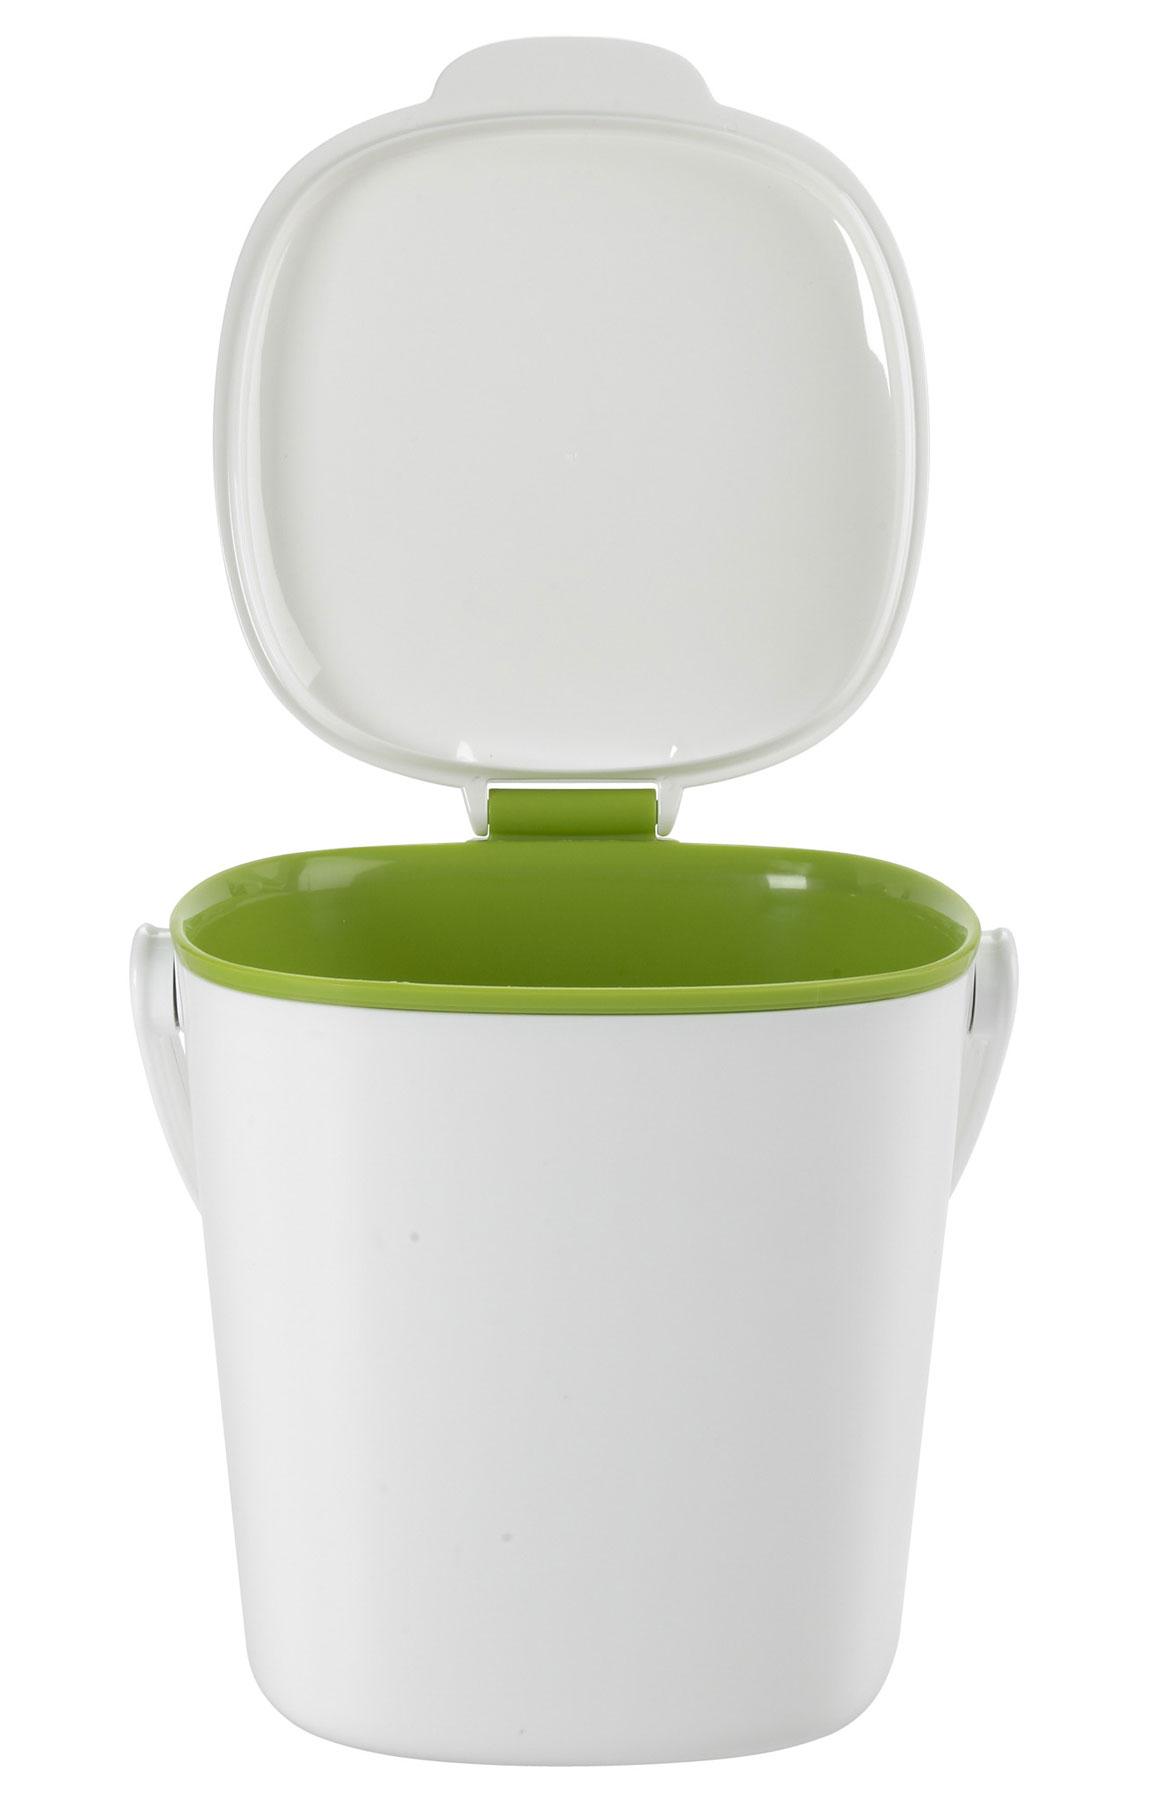 OXO Good Grips kleiner Küchen Komposteimer NEU | eBay